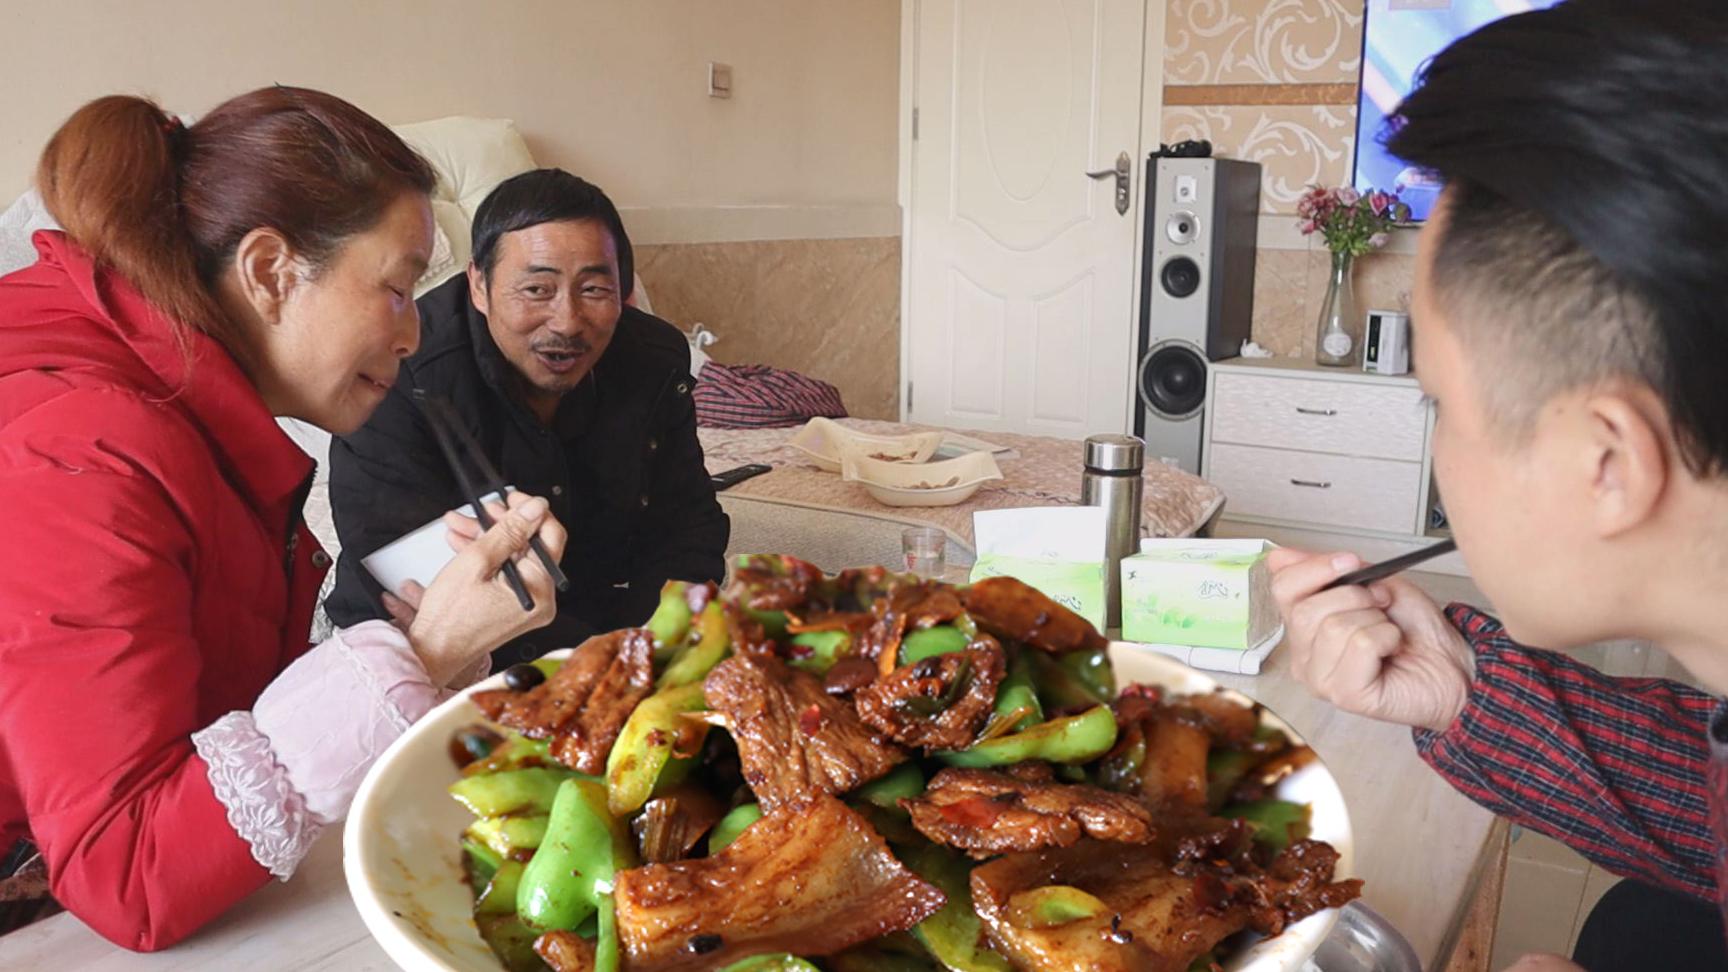 辣椒炒肉,老汉被人整了,只因钓鱼技术太好,今天还买了9只小鸡